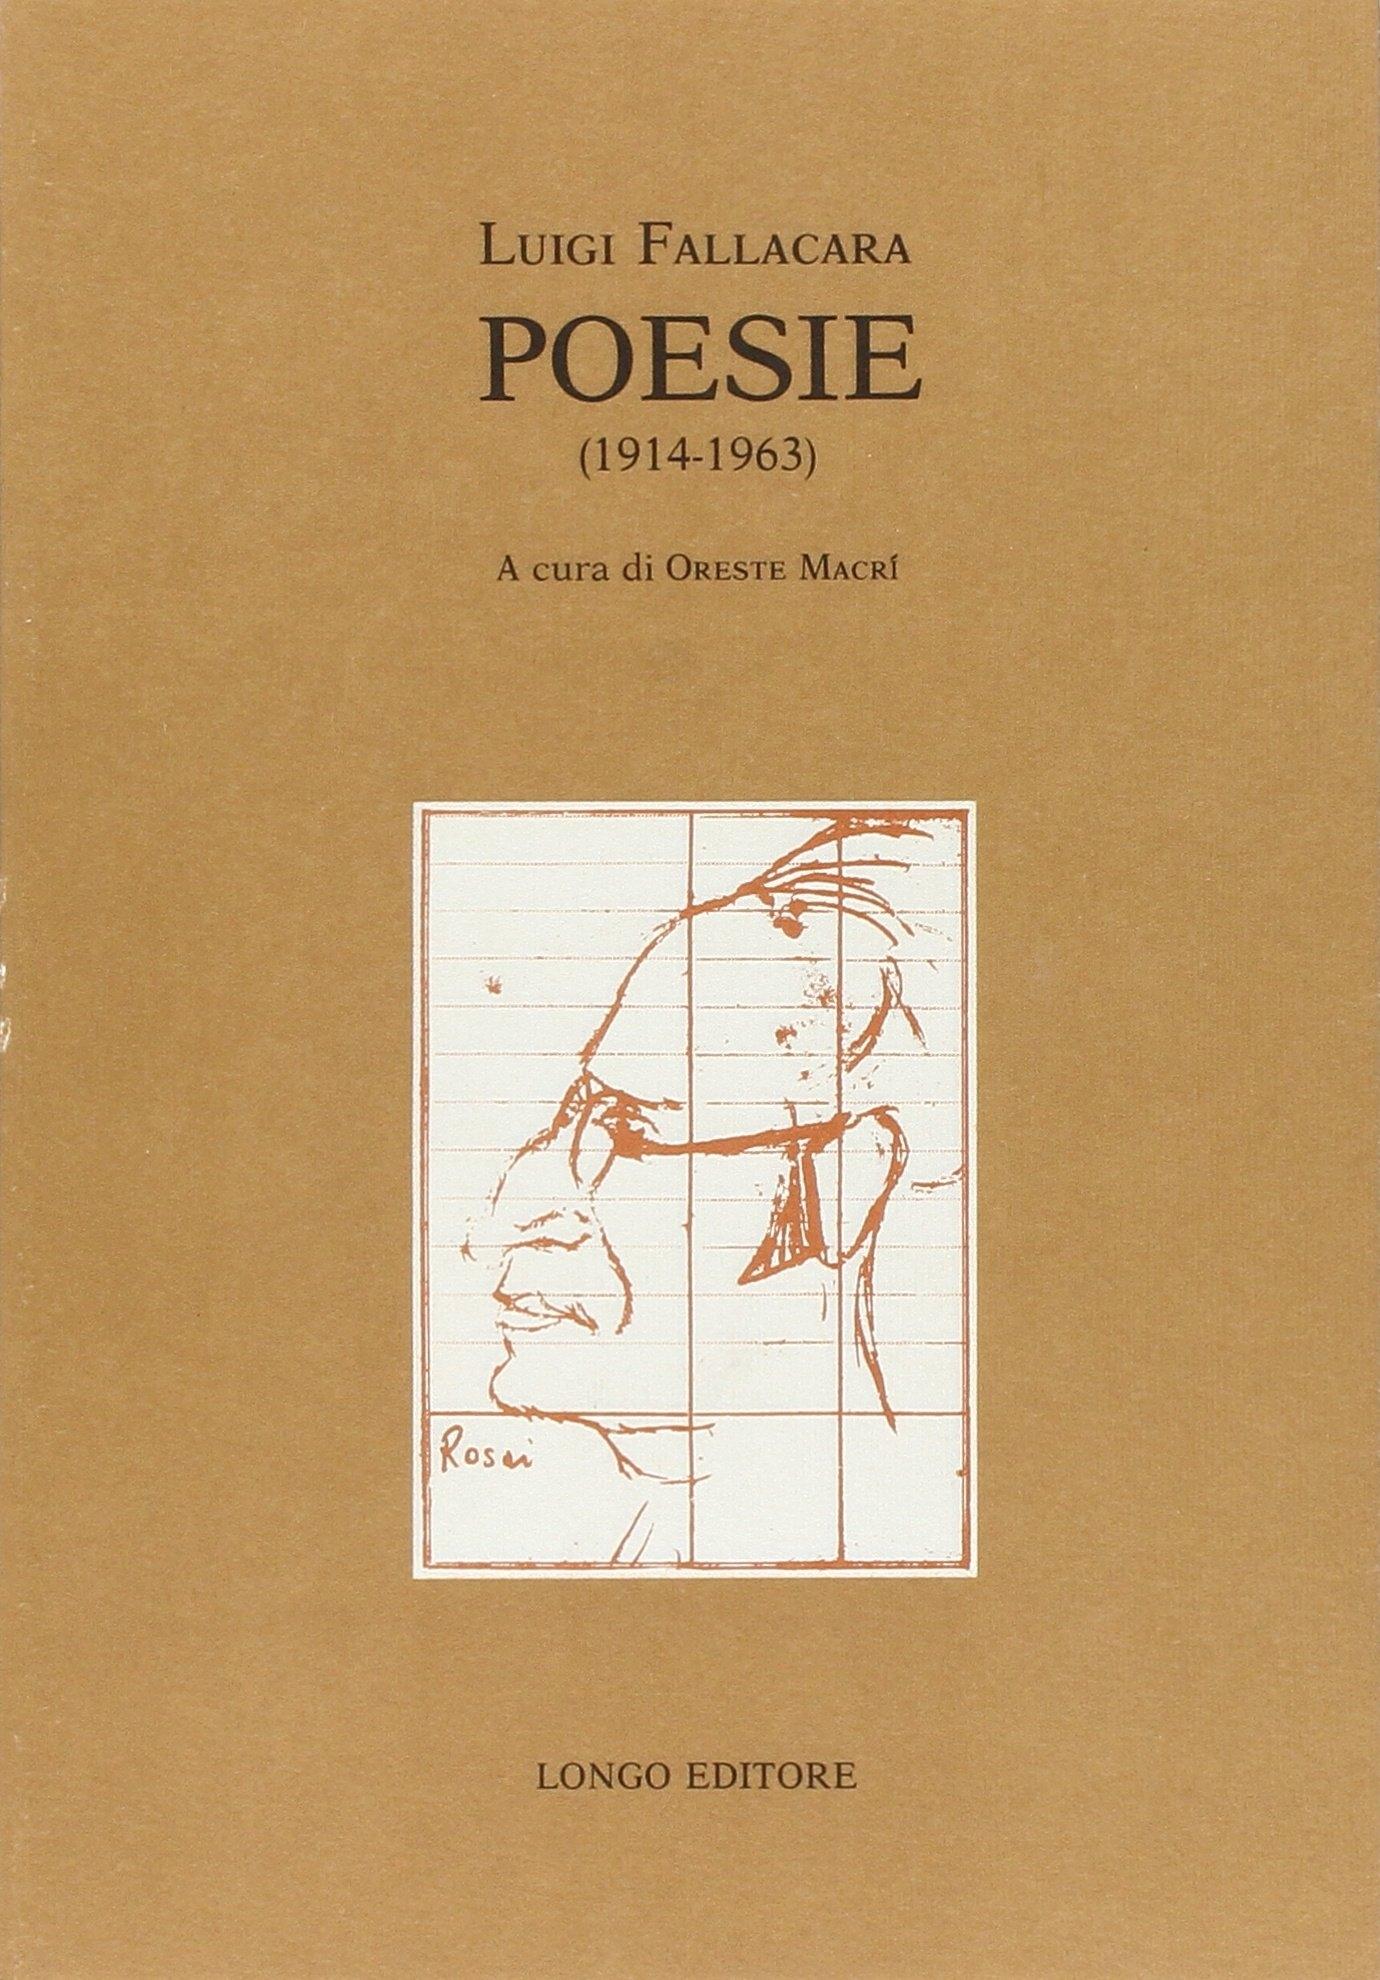 Poesie (1914-1963)